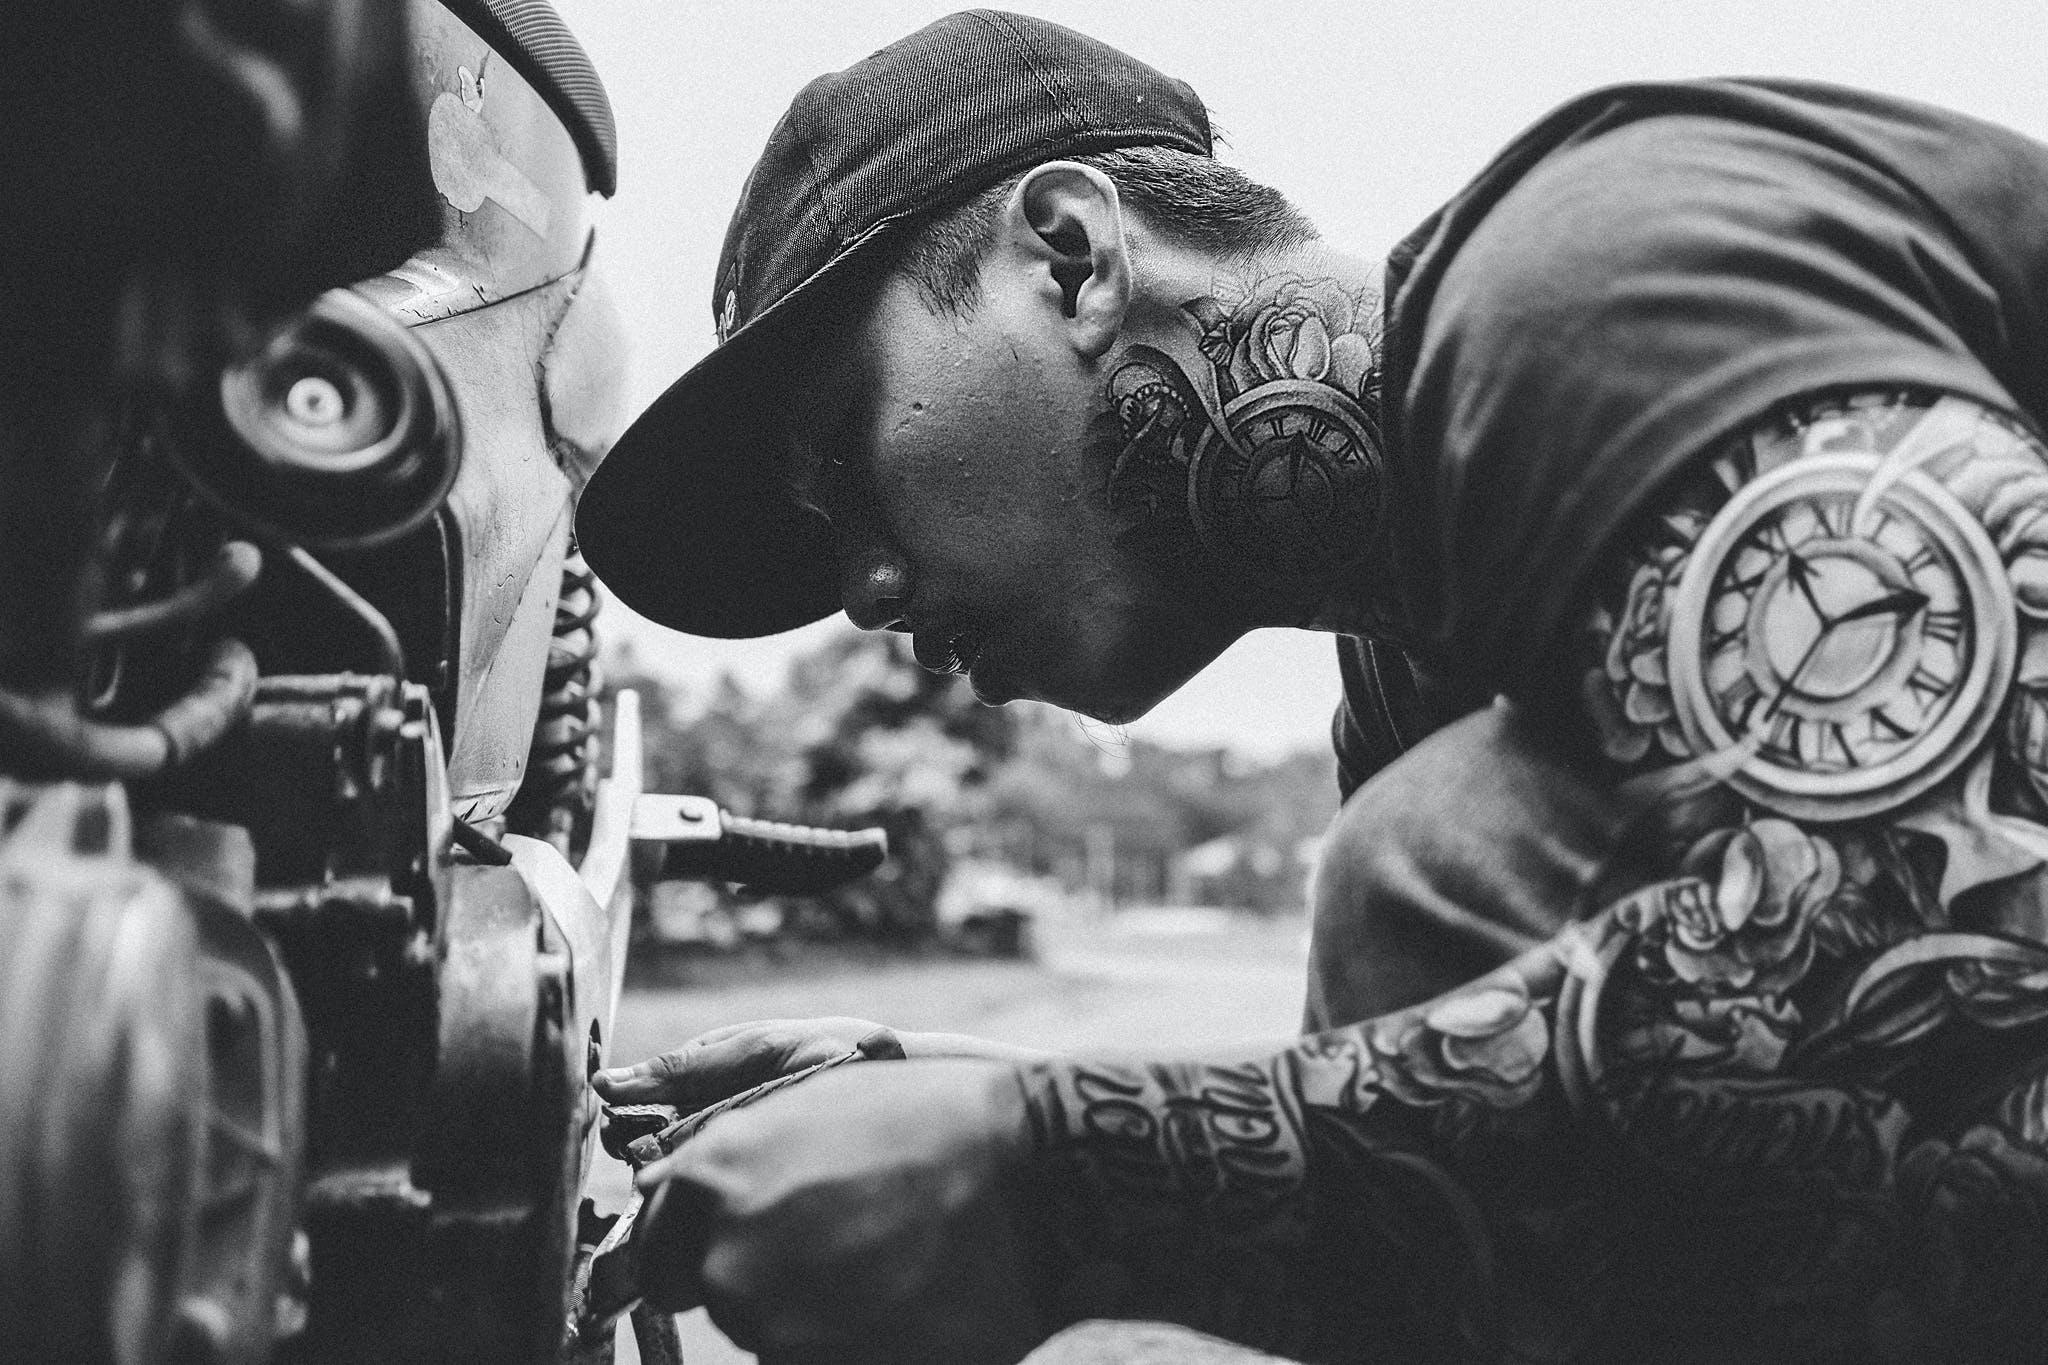 Základová fotografie zdarma na téma #tattoos #repair #hats #motorcycle #blackandehite